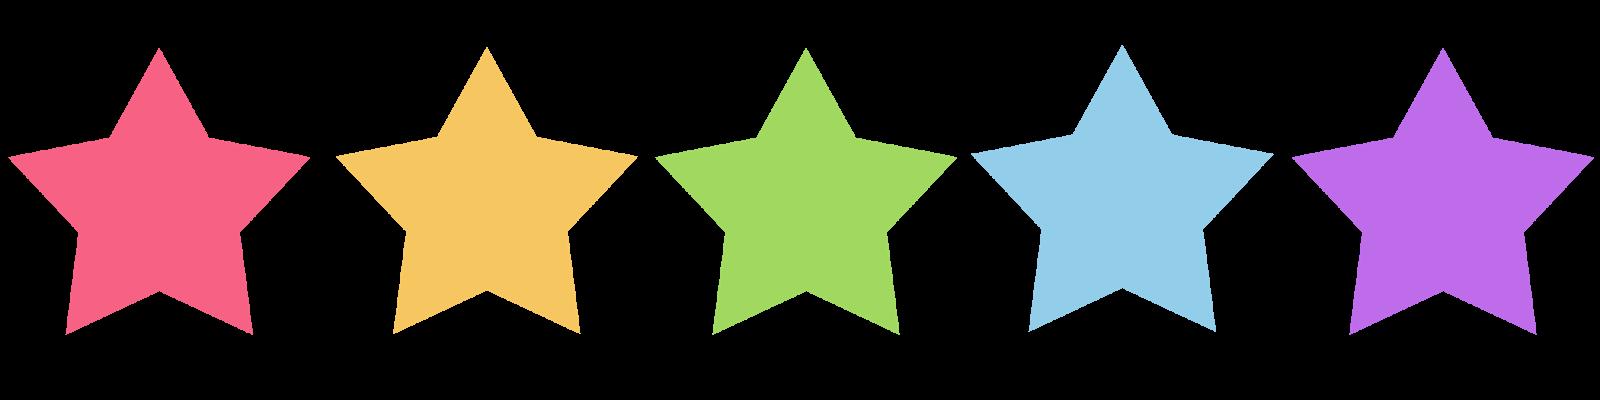 Five Stars - Cliparts.co